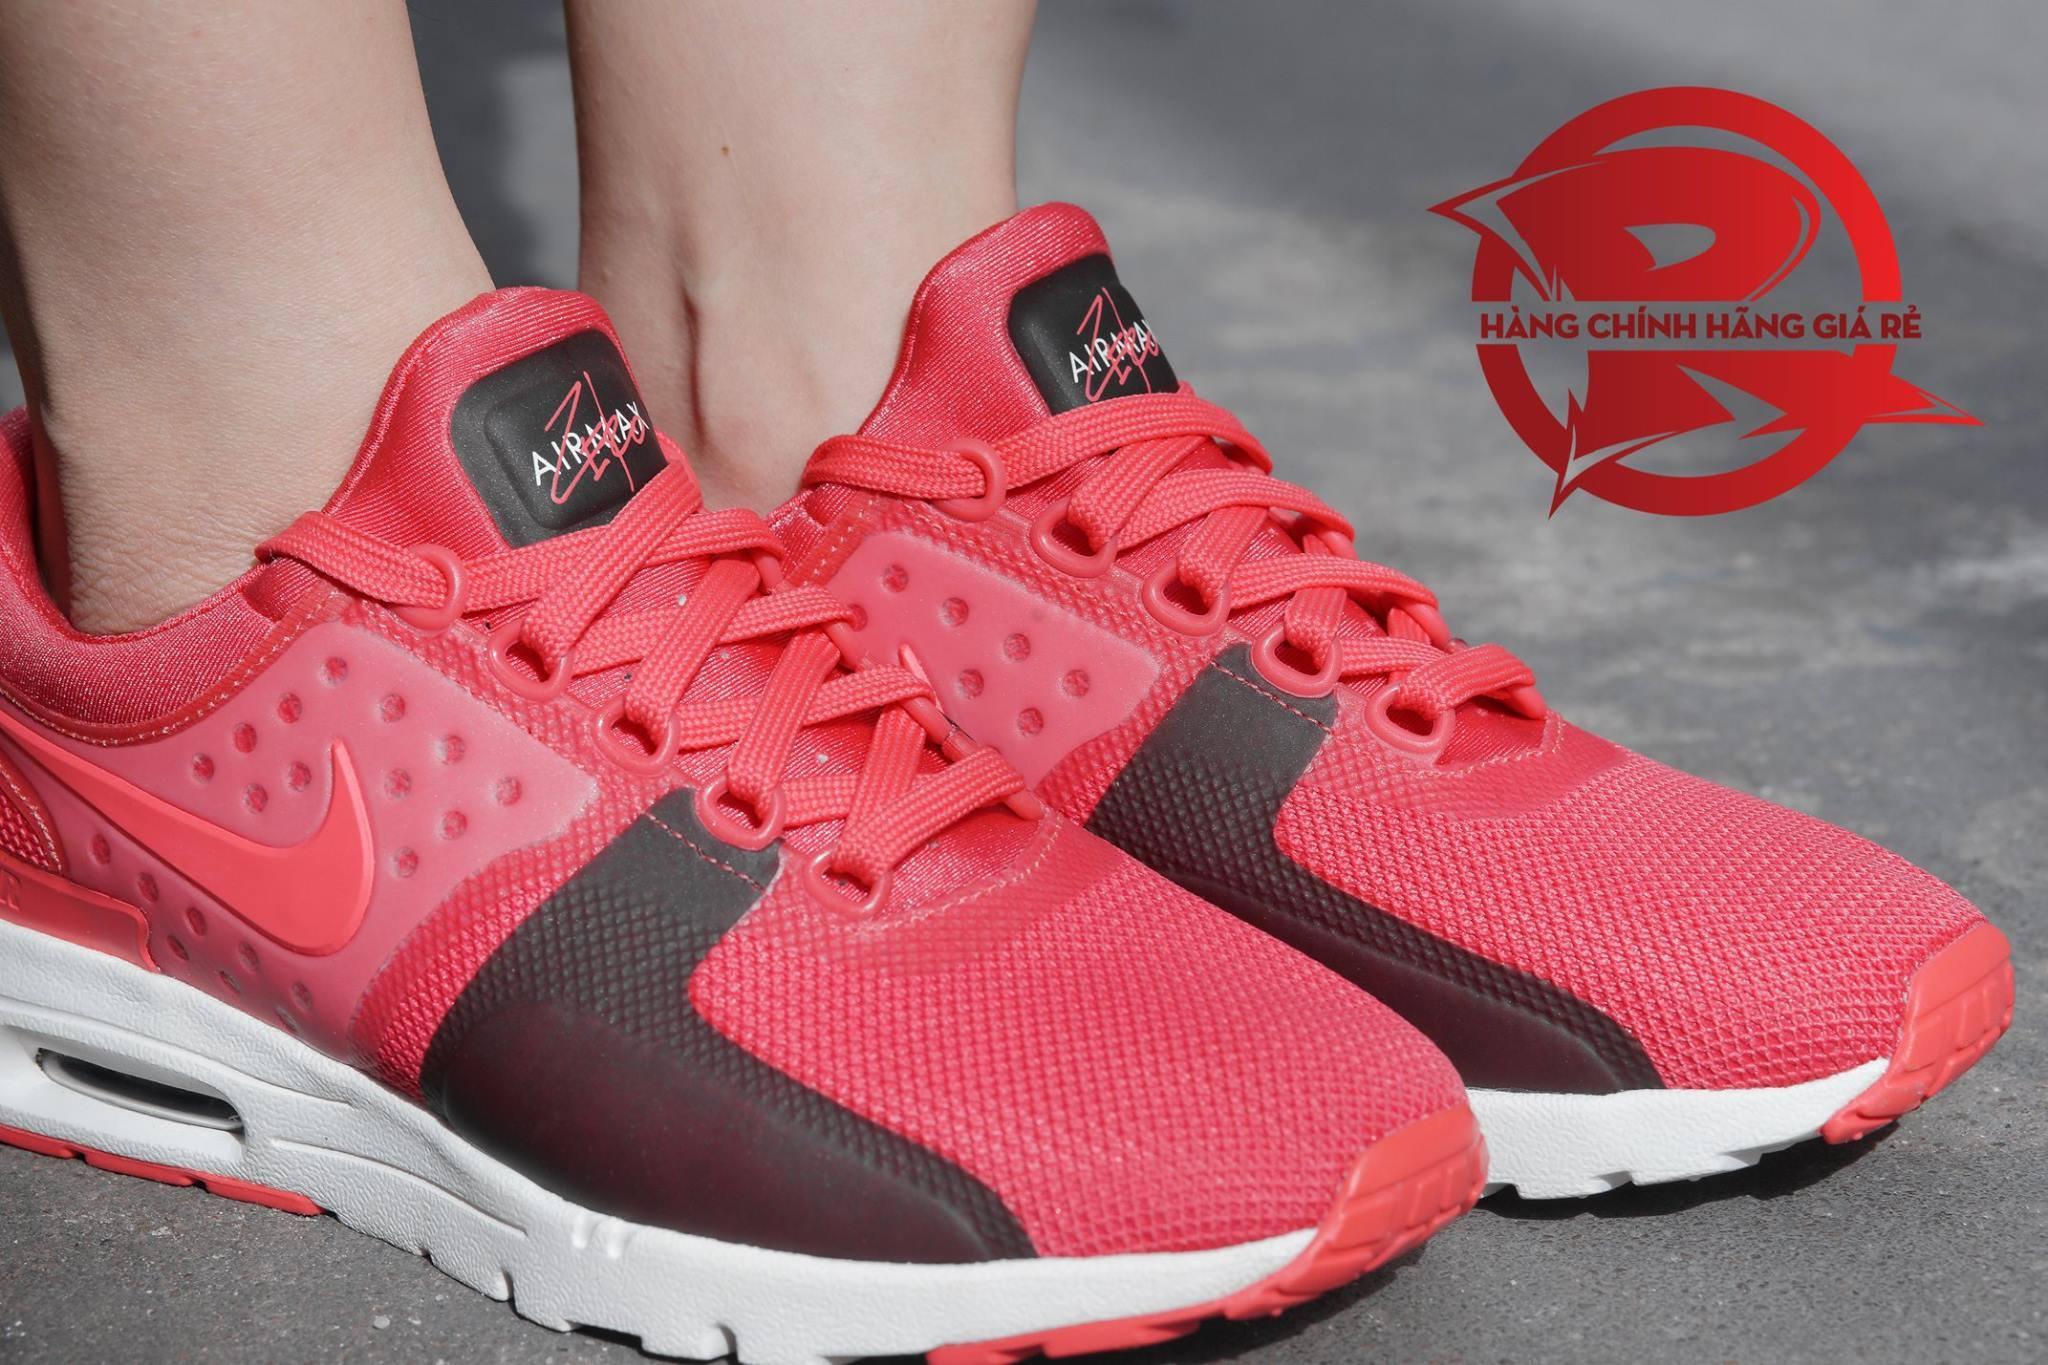 Nike Air Max Zero Red Crimson Close